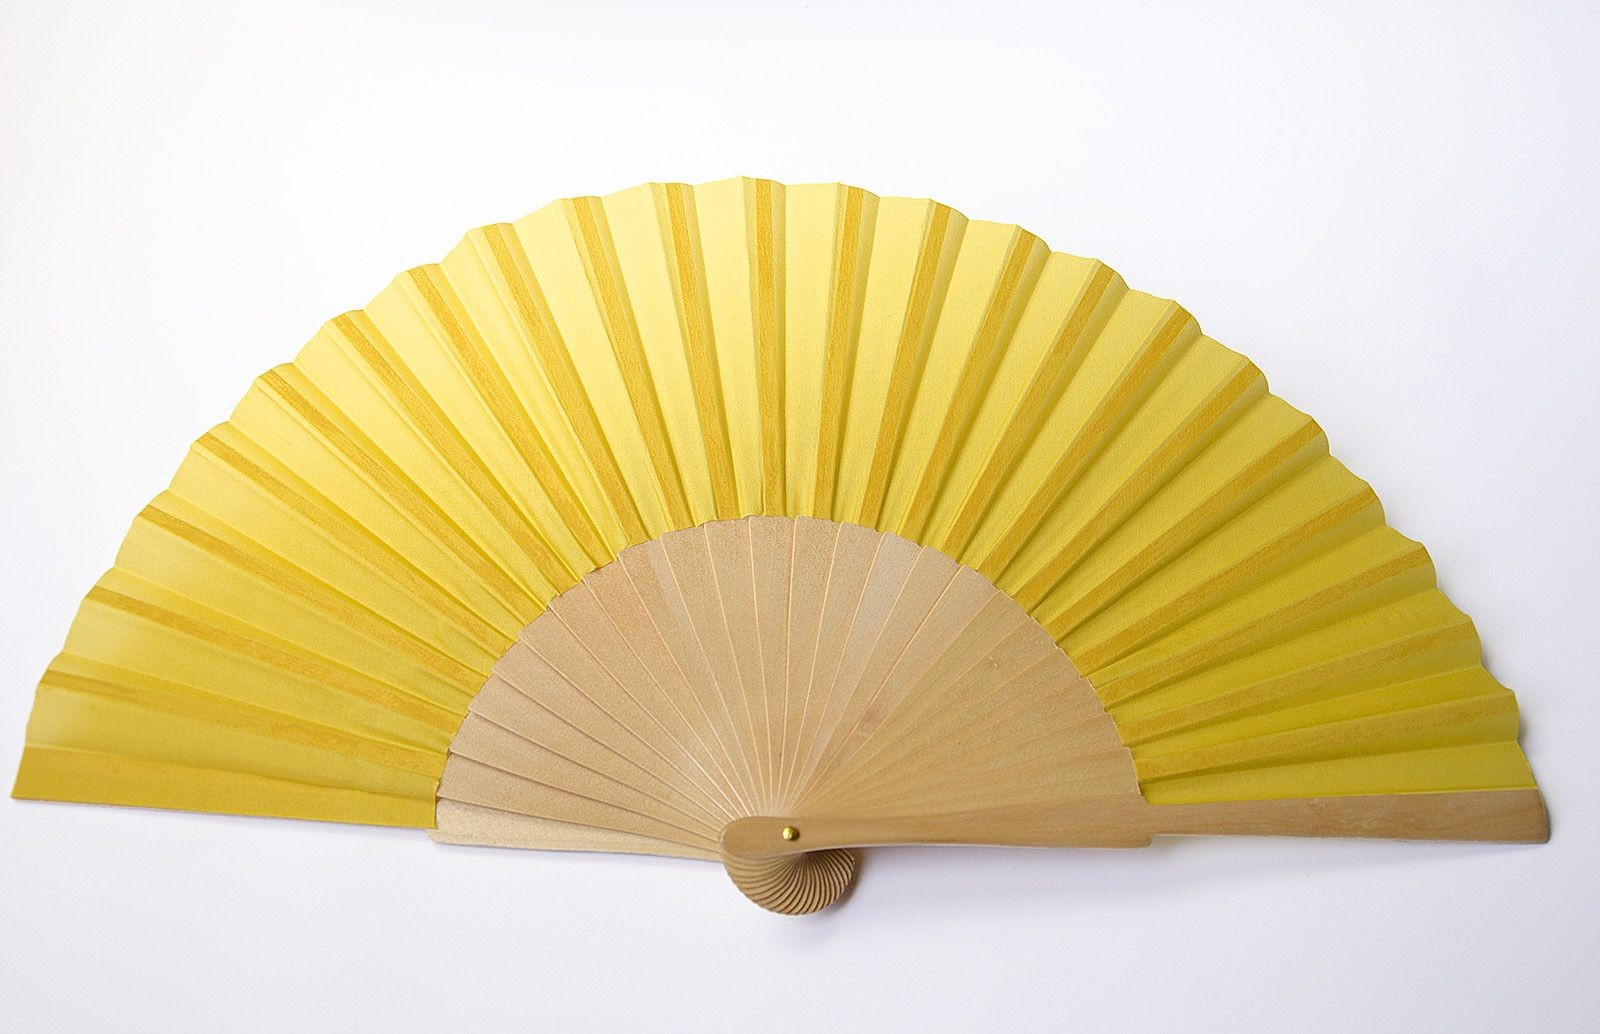 Eventail de soie en habotai 8 (en France, généralement appelé pongé 9) enjaune et monture de bois de sycomore de 22cm de haut et 42cm de large. Monté en Espagne